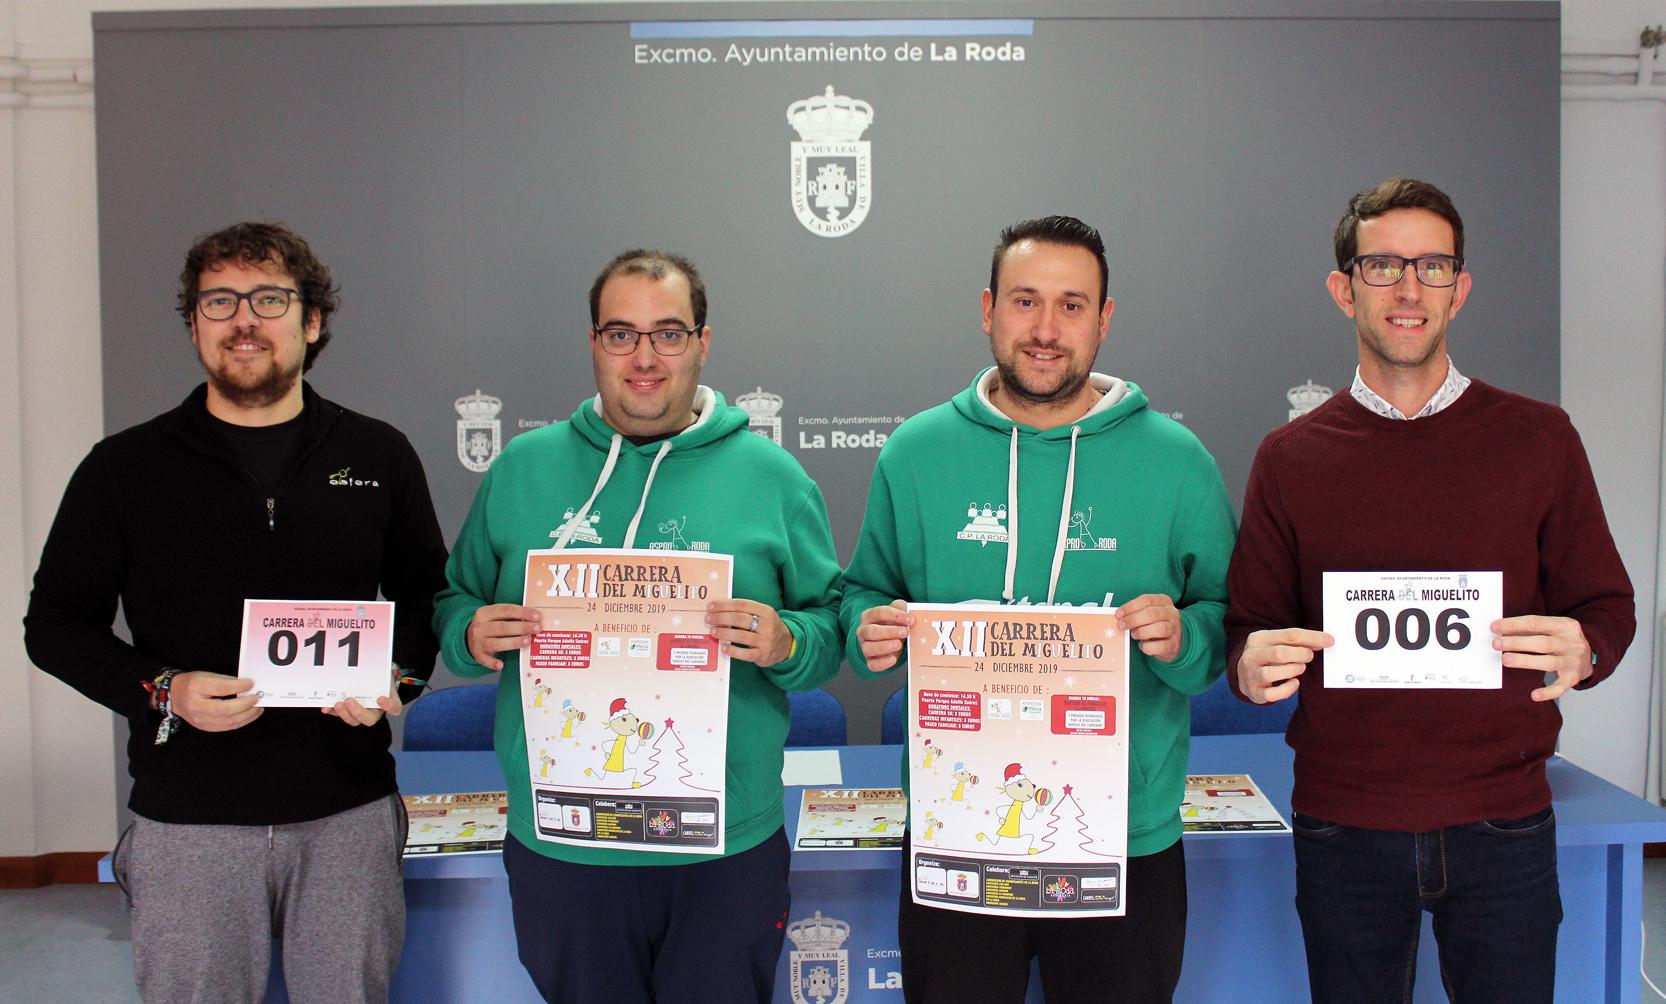 La XII Carrera Del Miguelito, A Beneficio De Asproroda